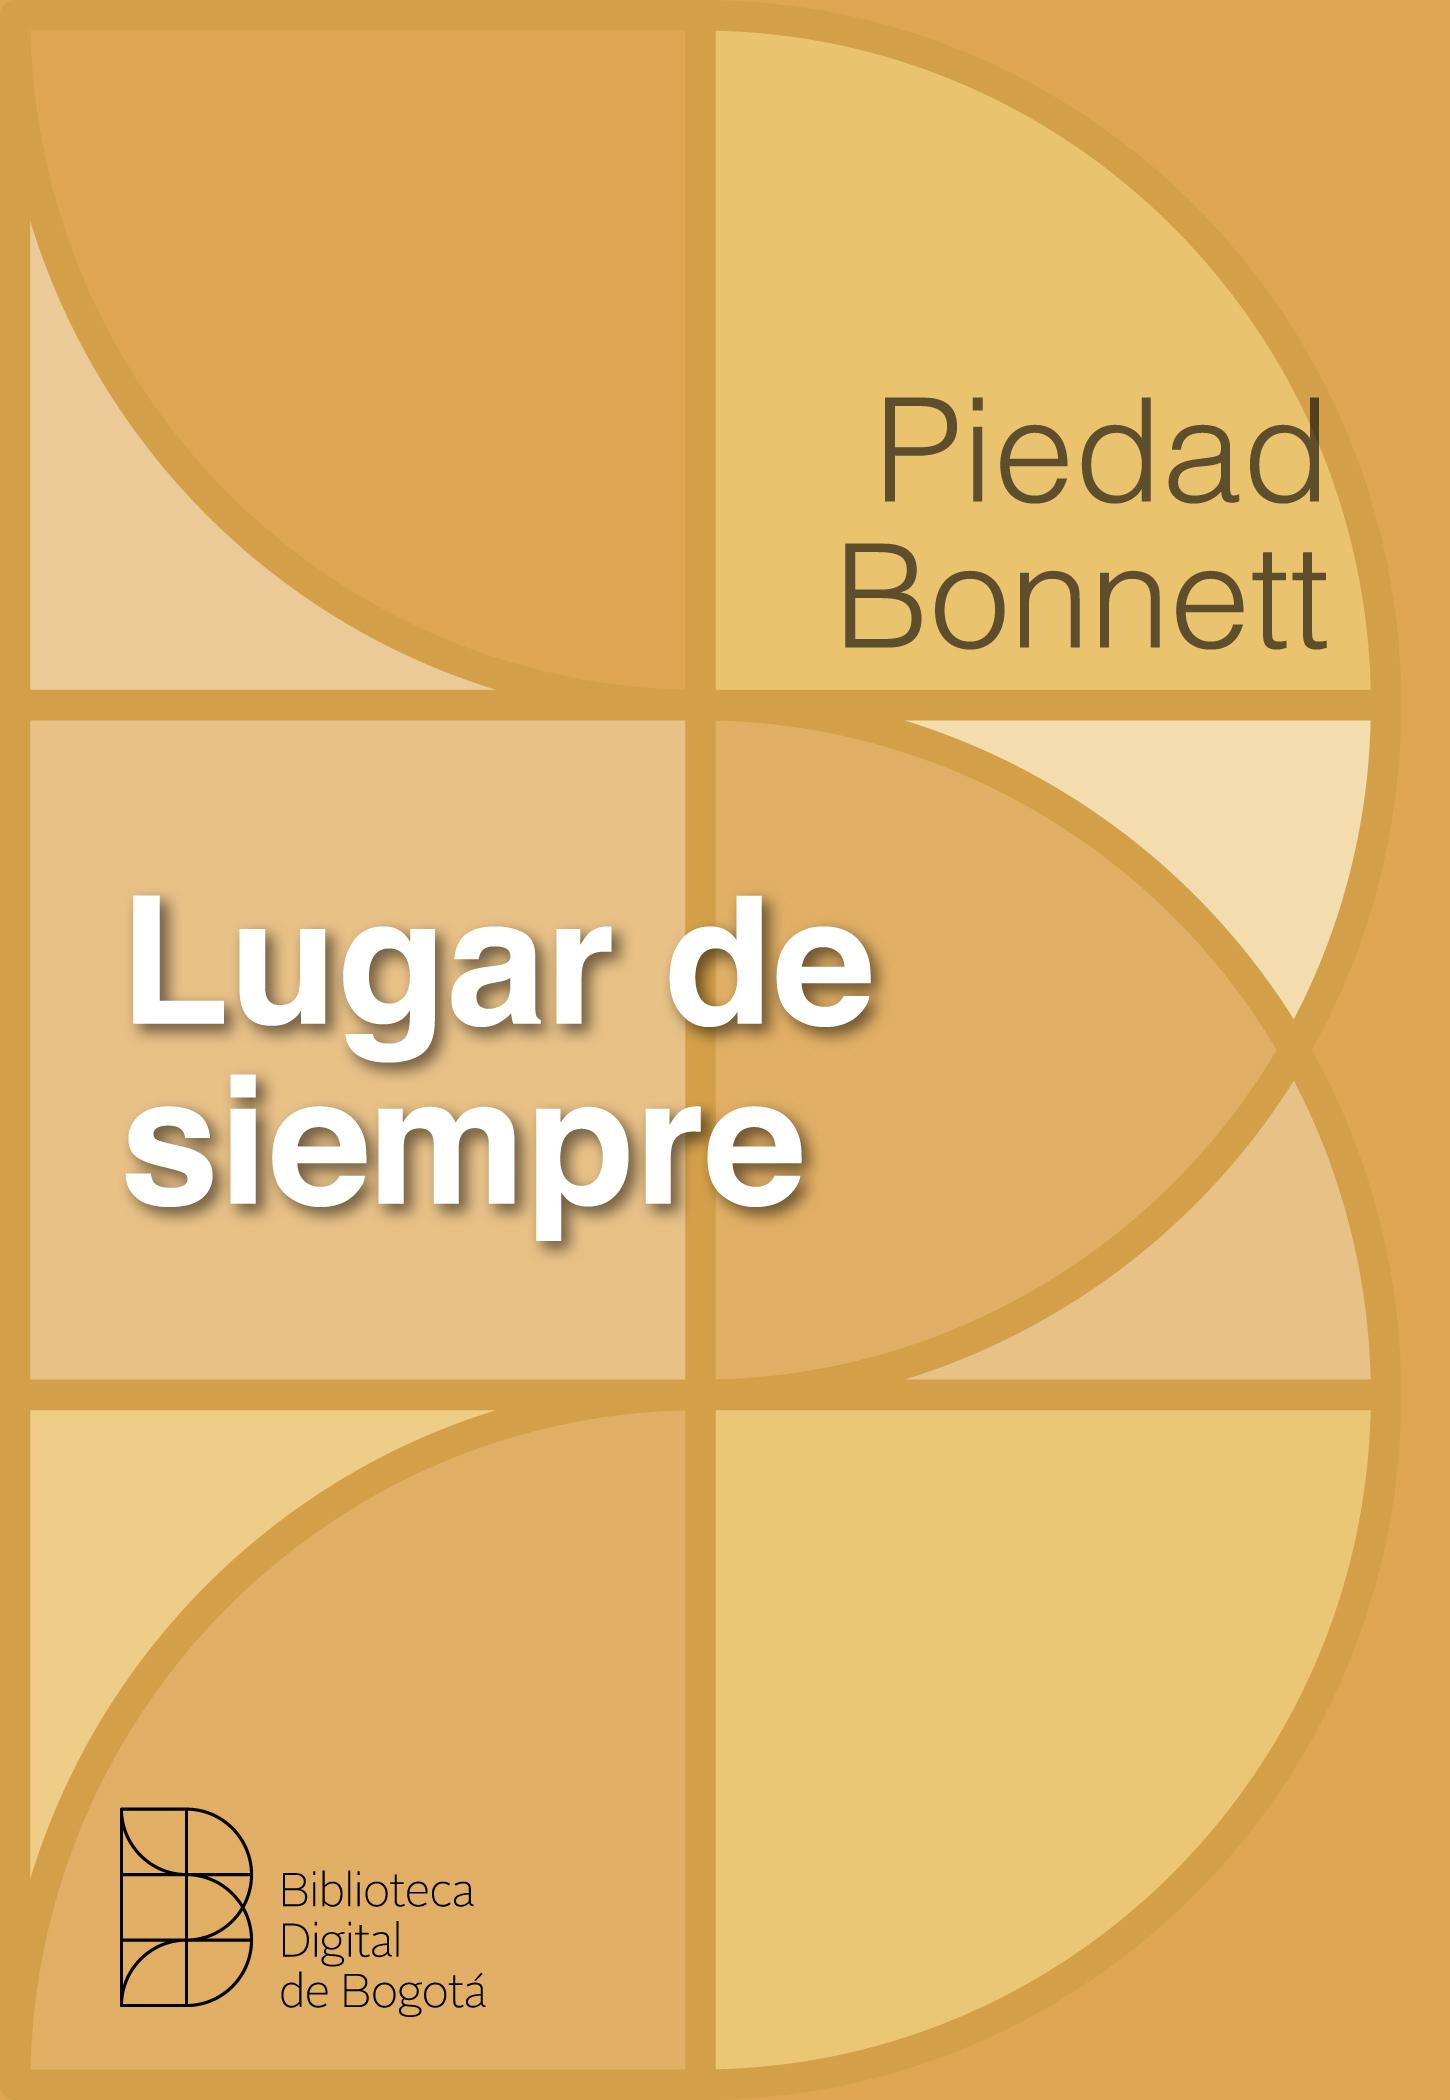 Imagen de referencia Literatura en Bogotá